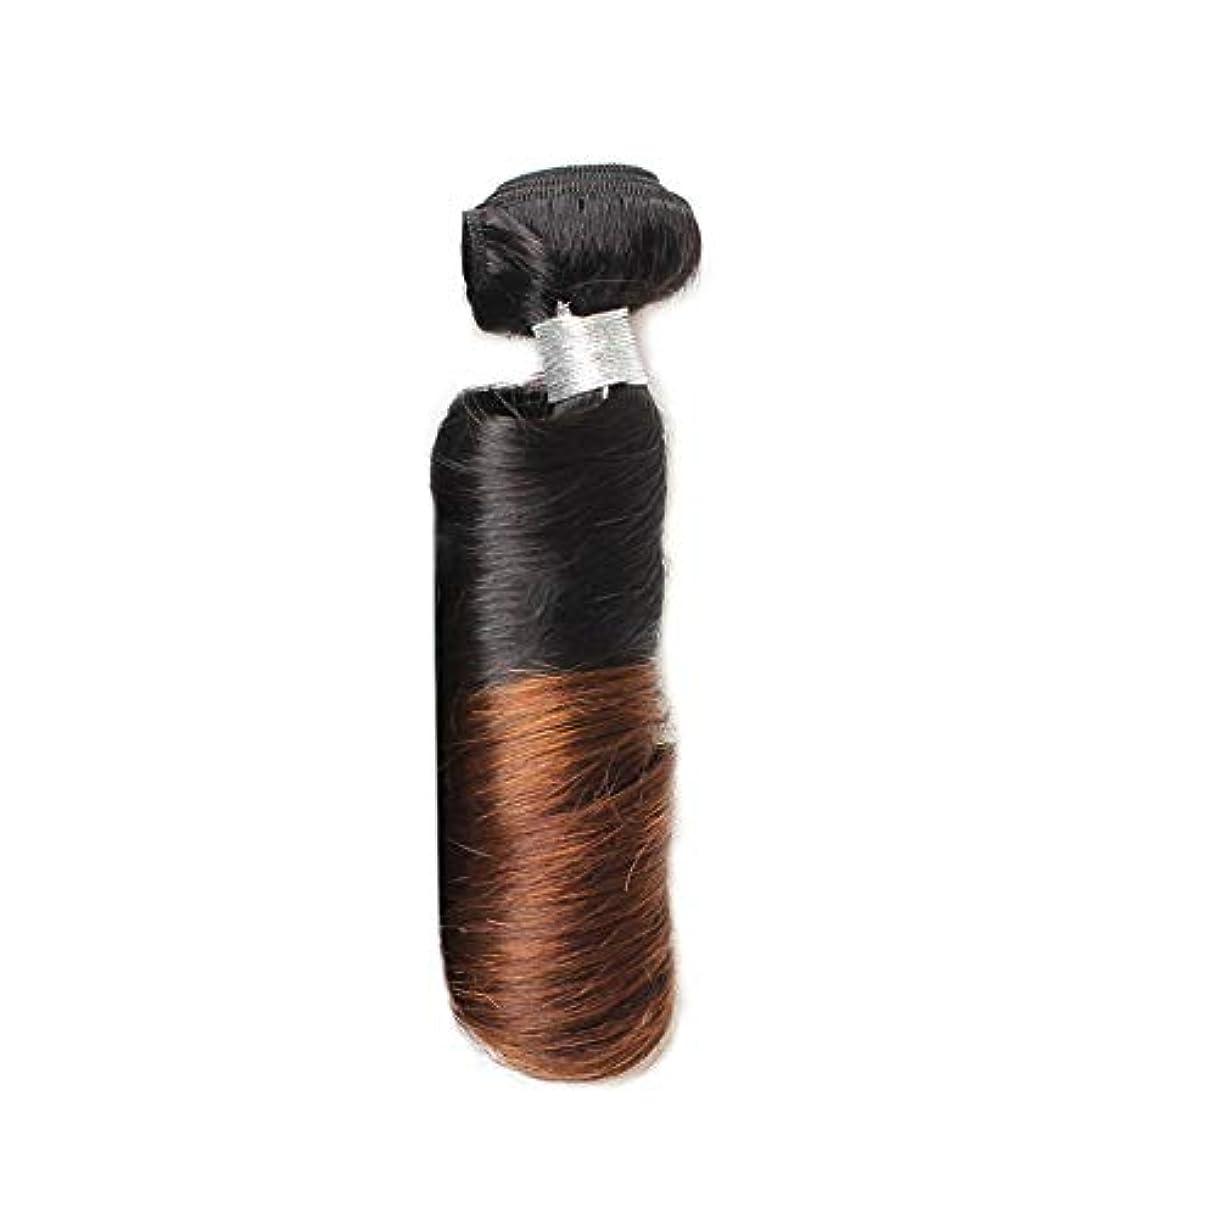 処理発音する喜劇WASAIO ブラジル人毛織り閉鎖ボディー春カーリー1バンドル - ブラックブラウン2トーン色拡張機能12に「-24」 (色 : ブラウン, サイズ : 14 inch)